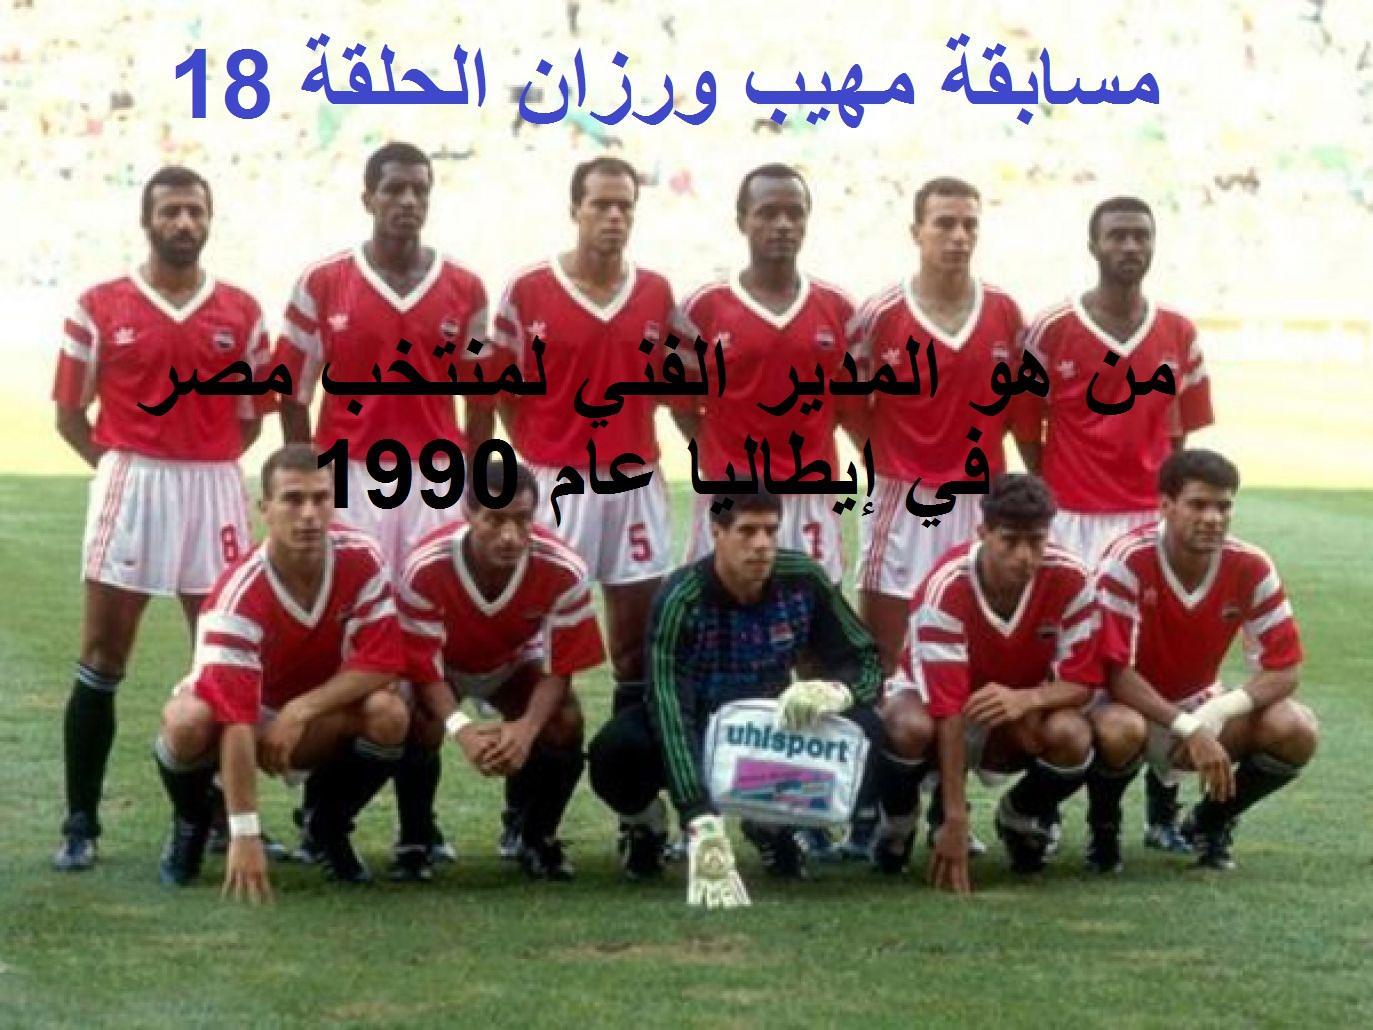 من هو المدير الفني للمنتخب المصري في كأس العالم في إيطاليا 1990.. إجابة السؤال رقم 18 في مسابقة مهيب ورزان رمضان 2021